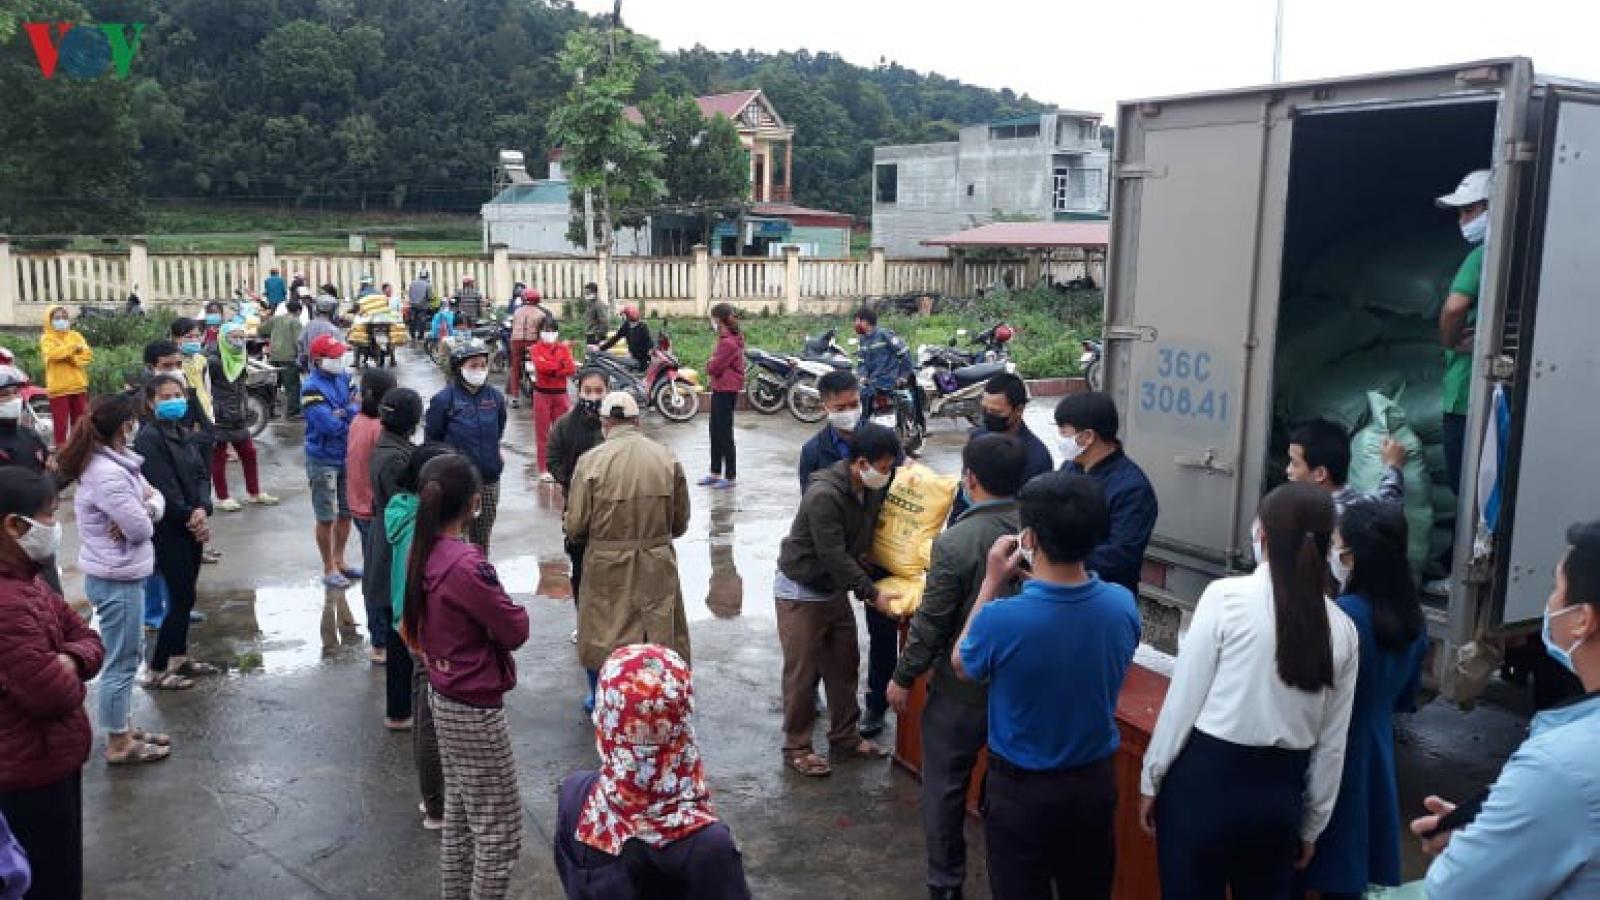 Câu lạc bộ báo chí Thanh Hóa hỗ trợ hàng chục tấn gạo cho người nghèo